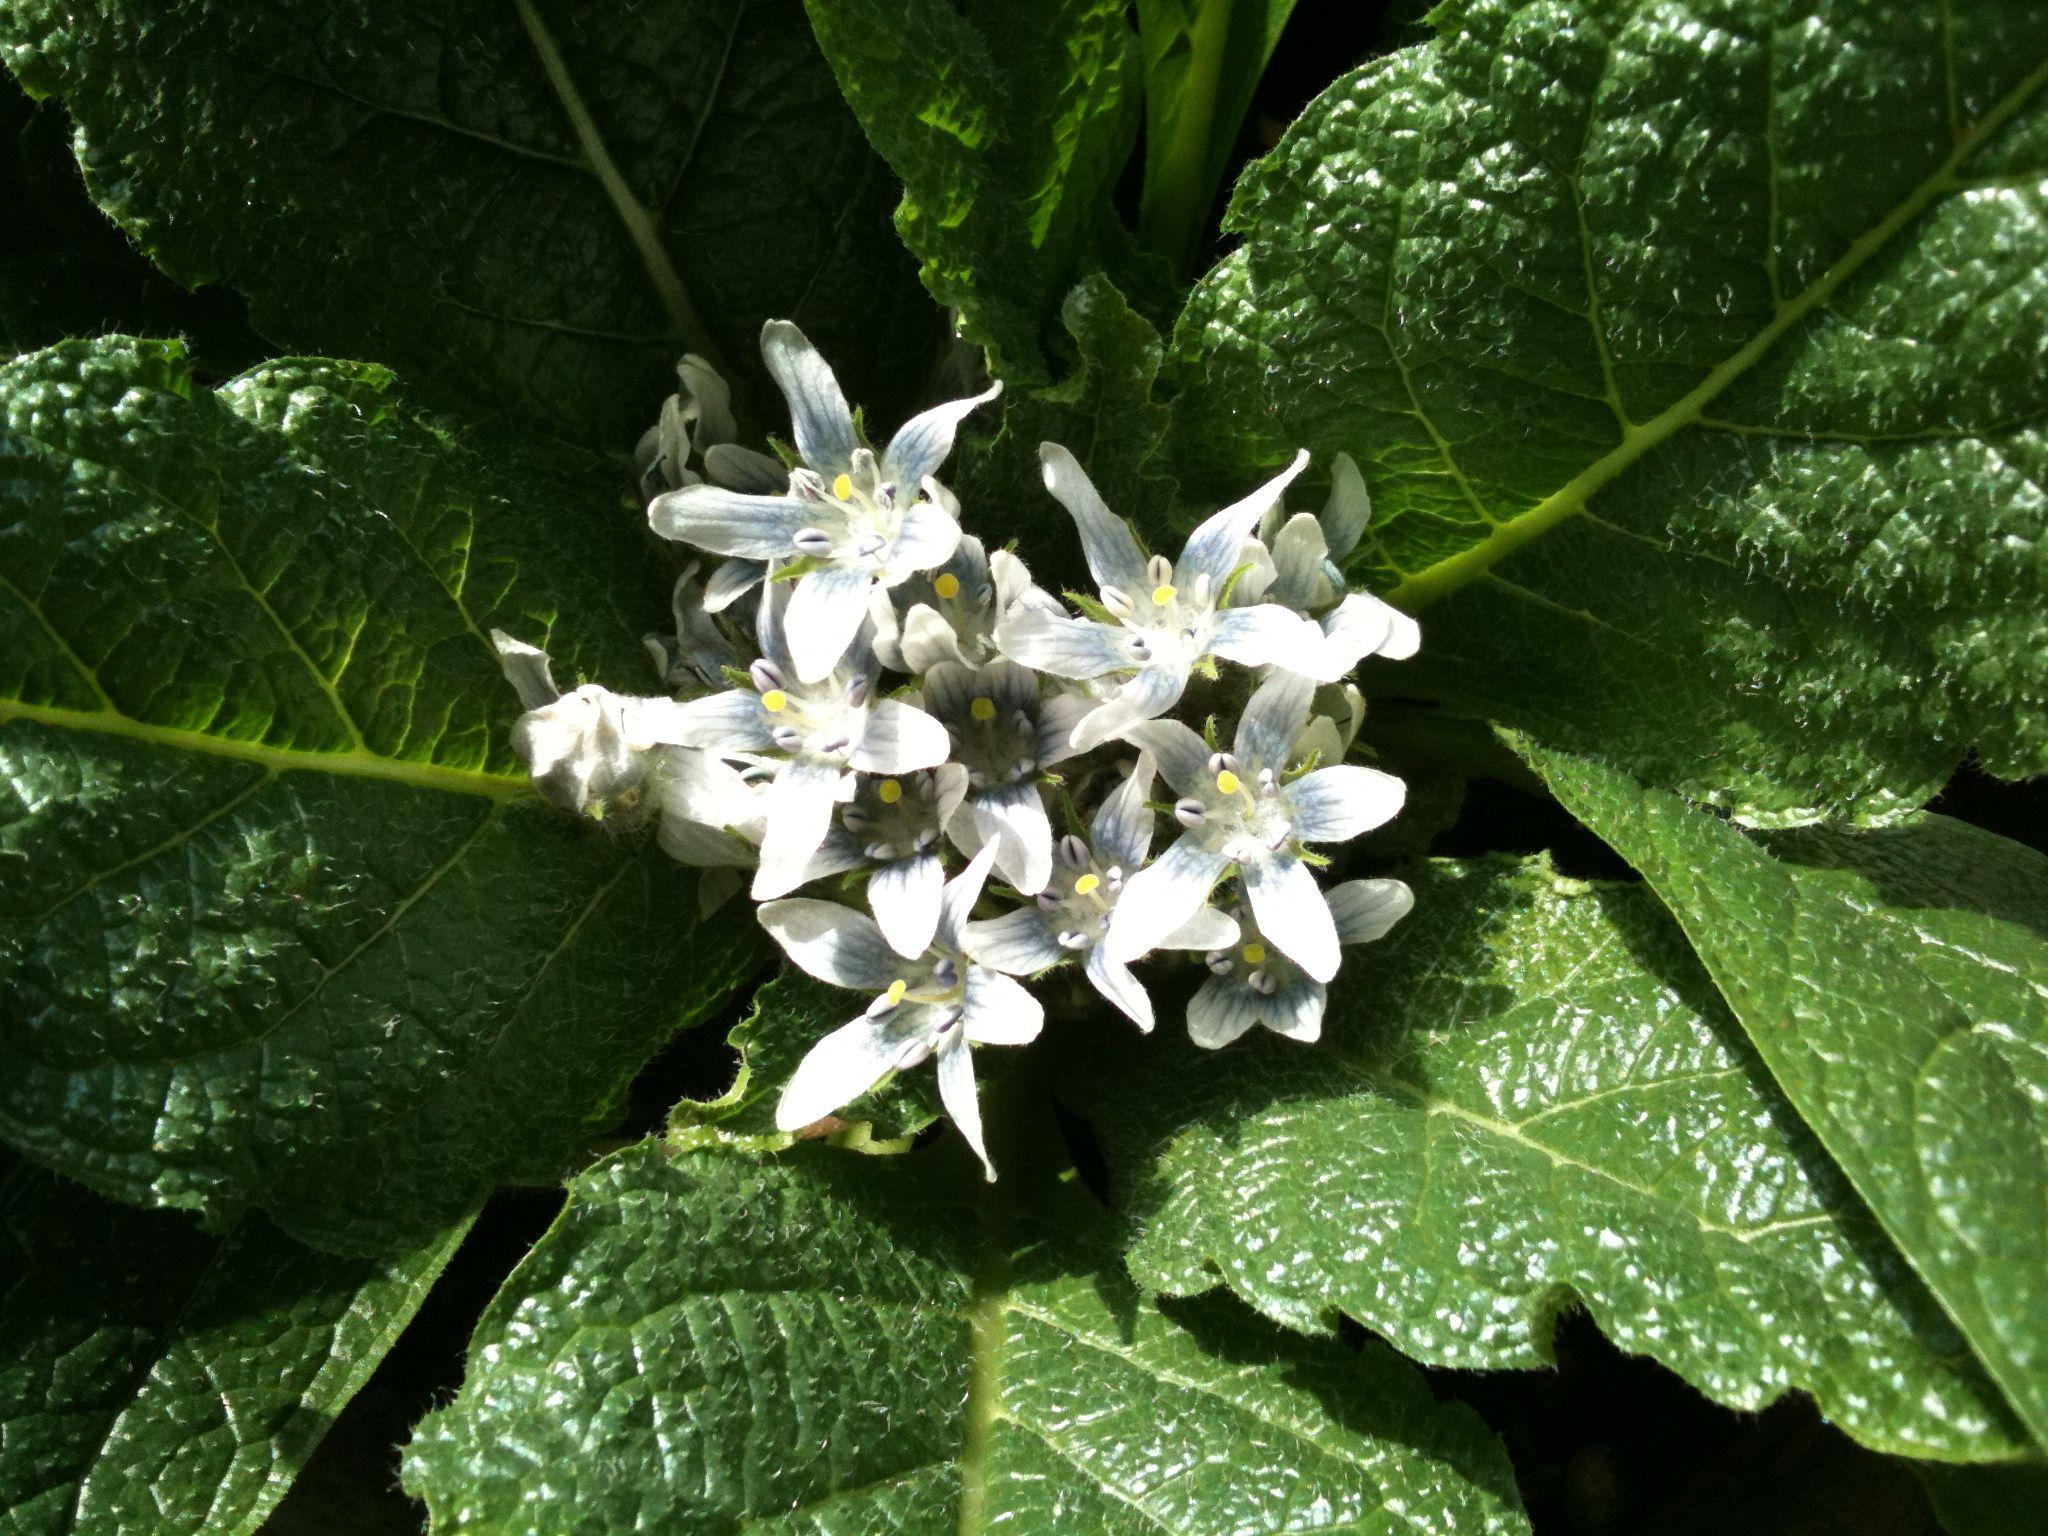 Bluhende Alraune Heilpflanze Heilpflanzen Gesunde Krauter Pflanzen